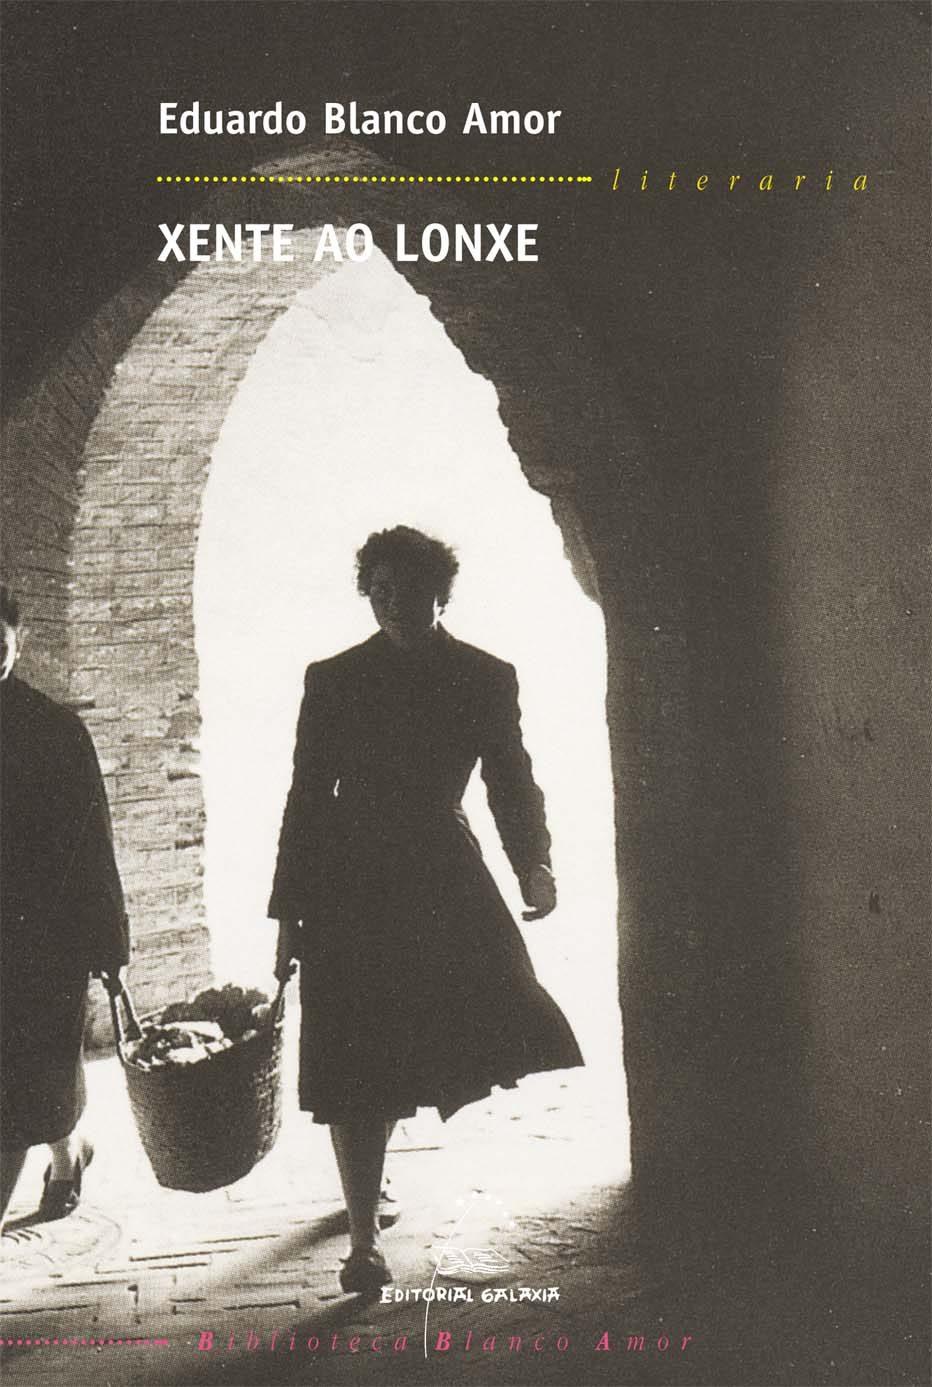 No mes de maio o Club de Lectura mensual está a ler XENTE AO LONXE, de E. BLANCO-AMOR.